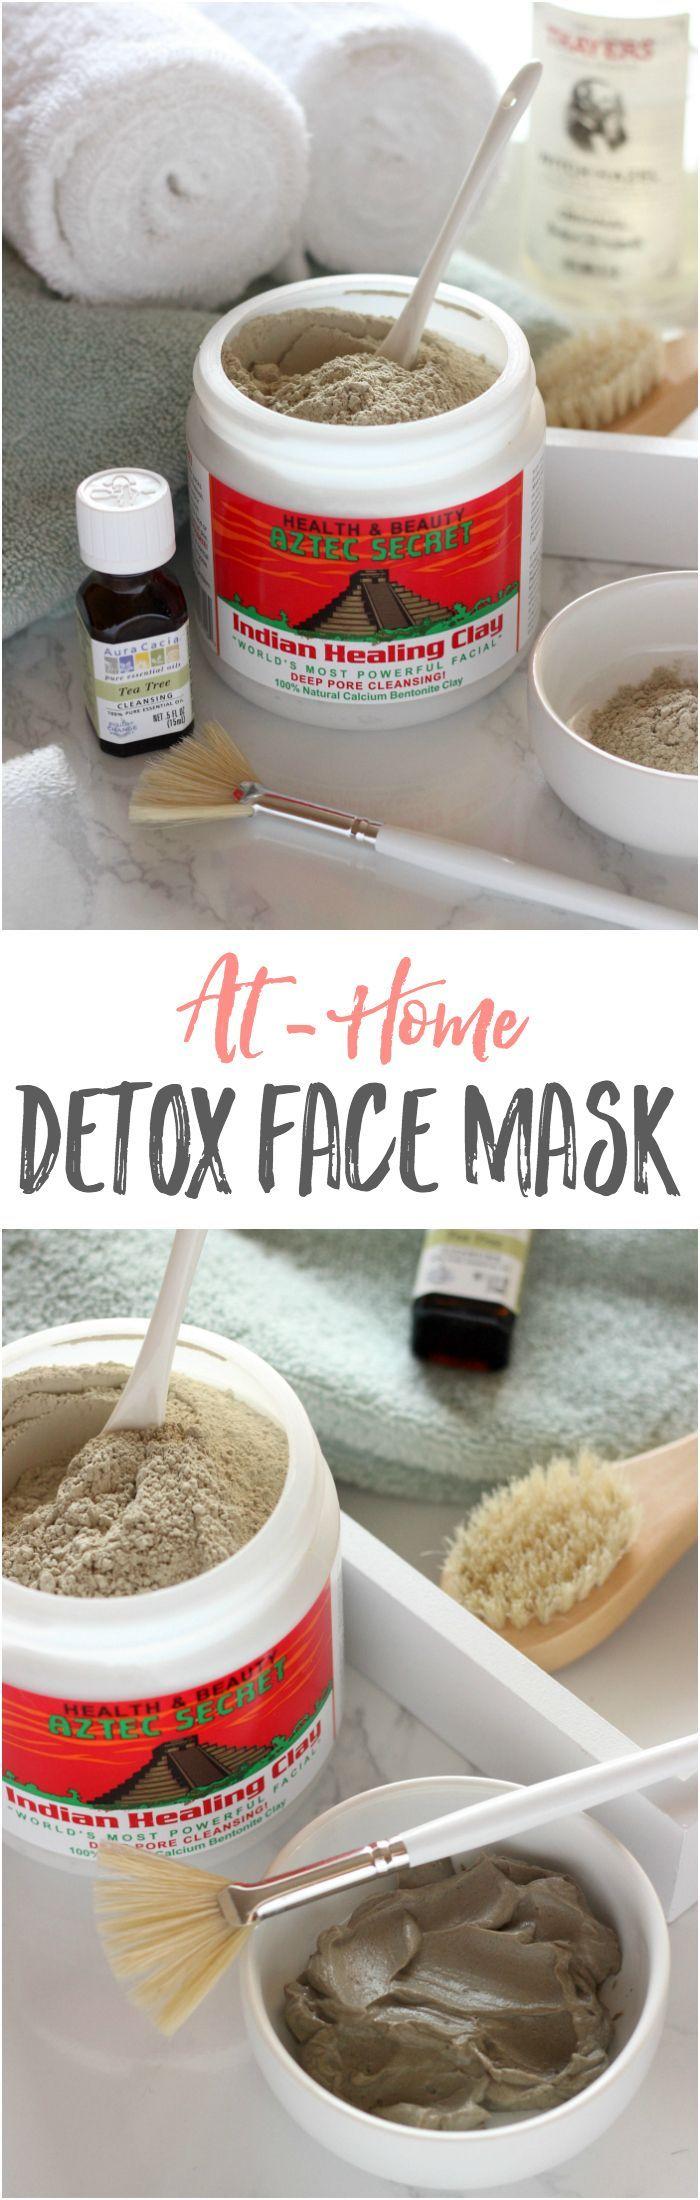 לנקות את הפסקות מהר עם זה פשוט detoxifying קליי מסכה!